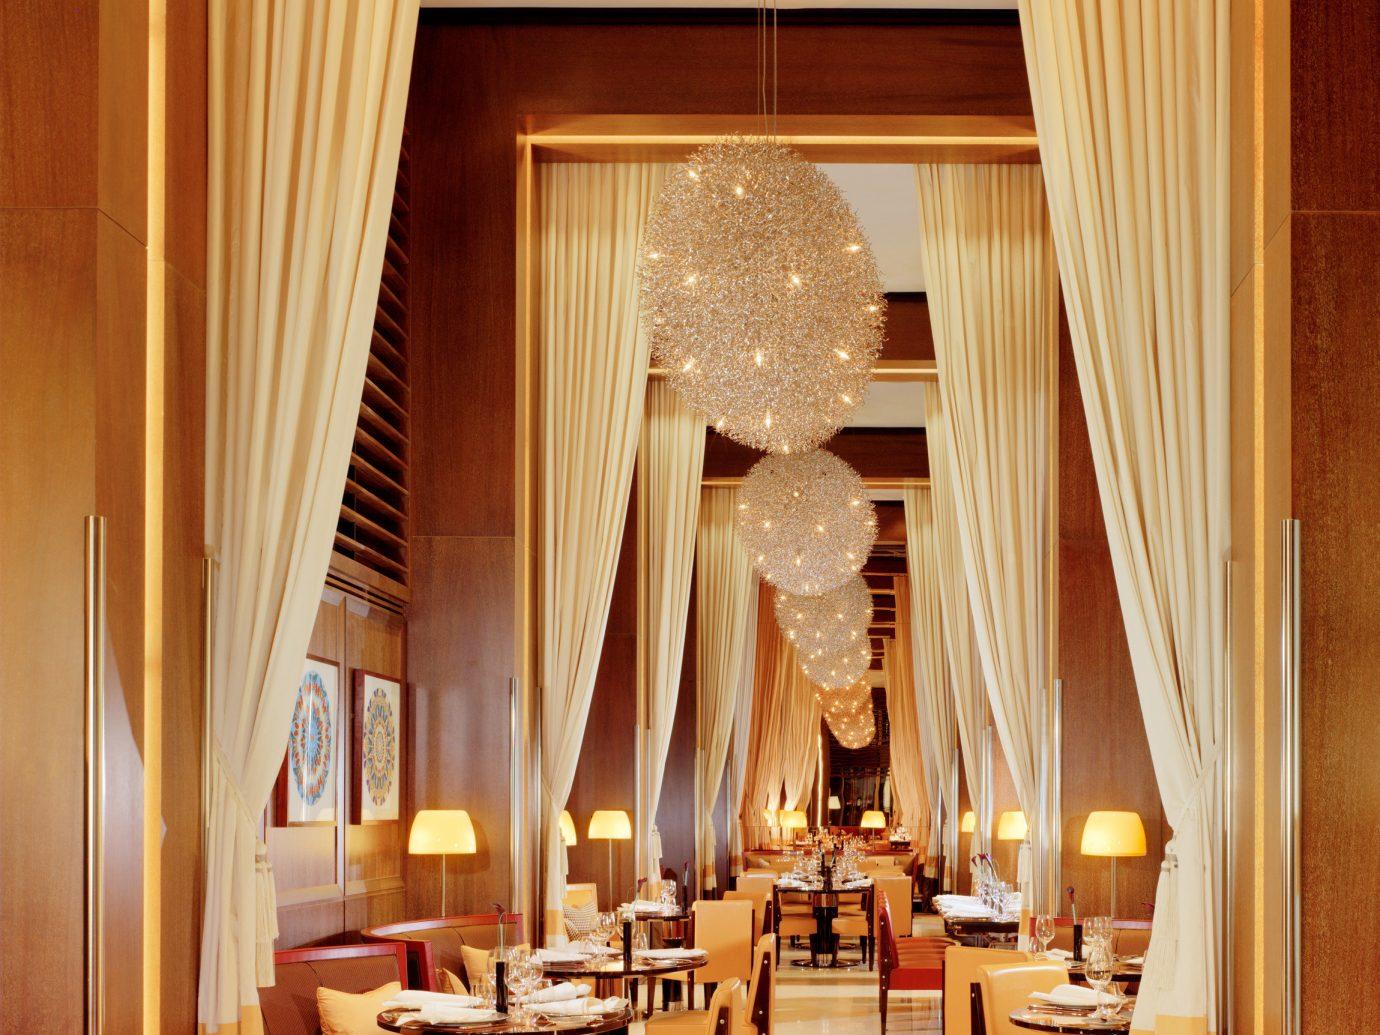 Dining room at 45 Park Lane CUT restaurant